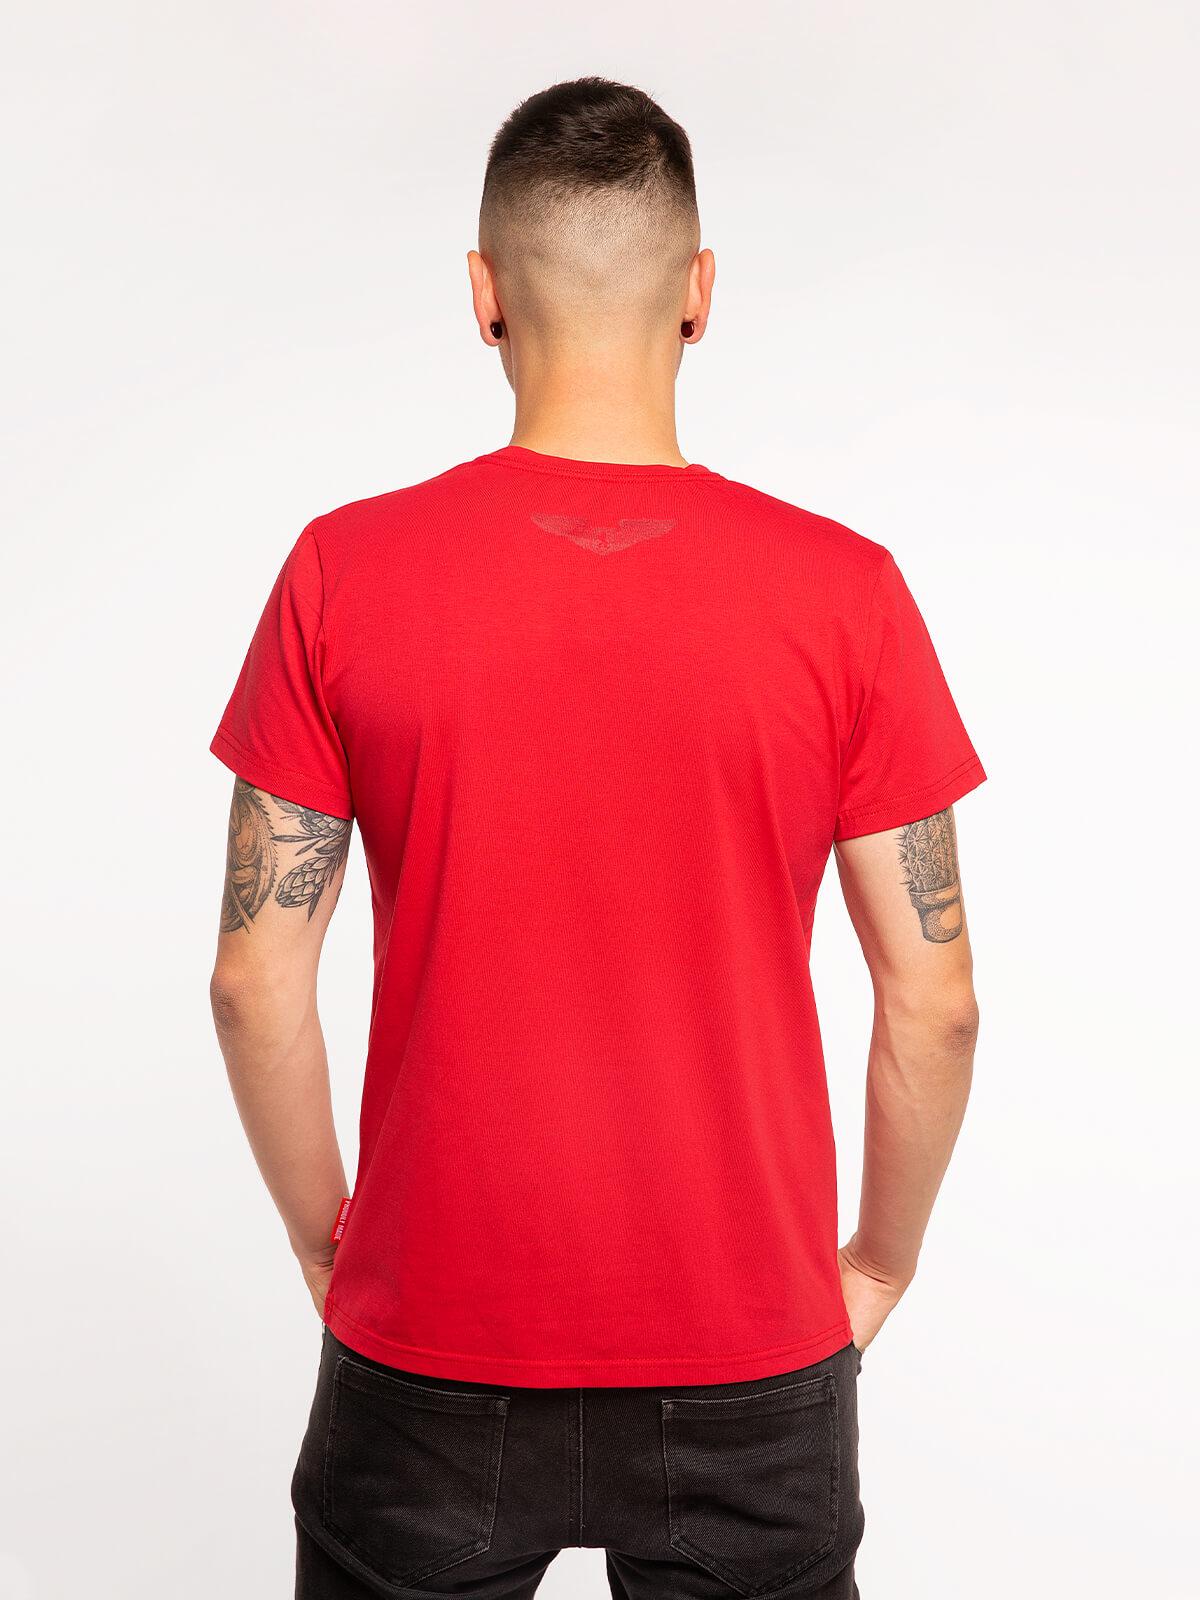 Чоловіча Футболка Mars. Колір червоний.  Матеріал: 95% бавовна, 5% спандекс.